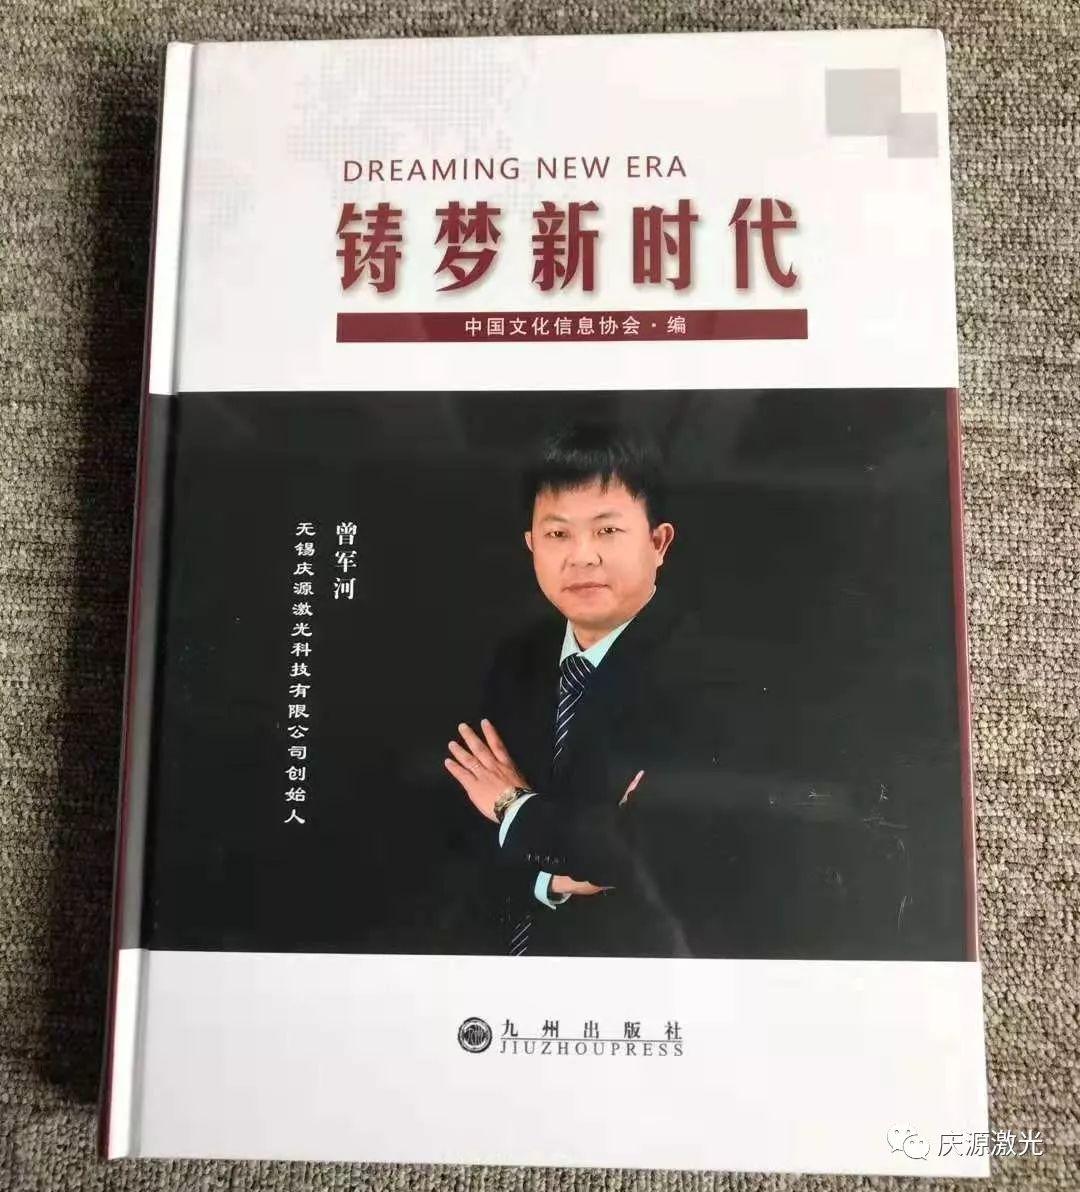 慶源總經理曾軍河榮登封面人物并受邀電視臺采訪